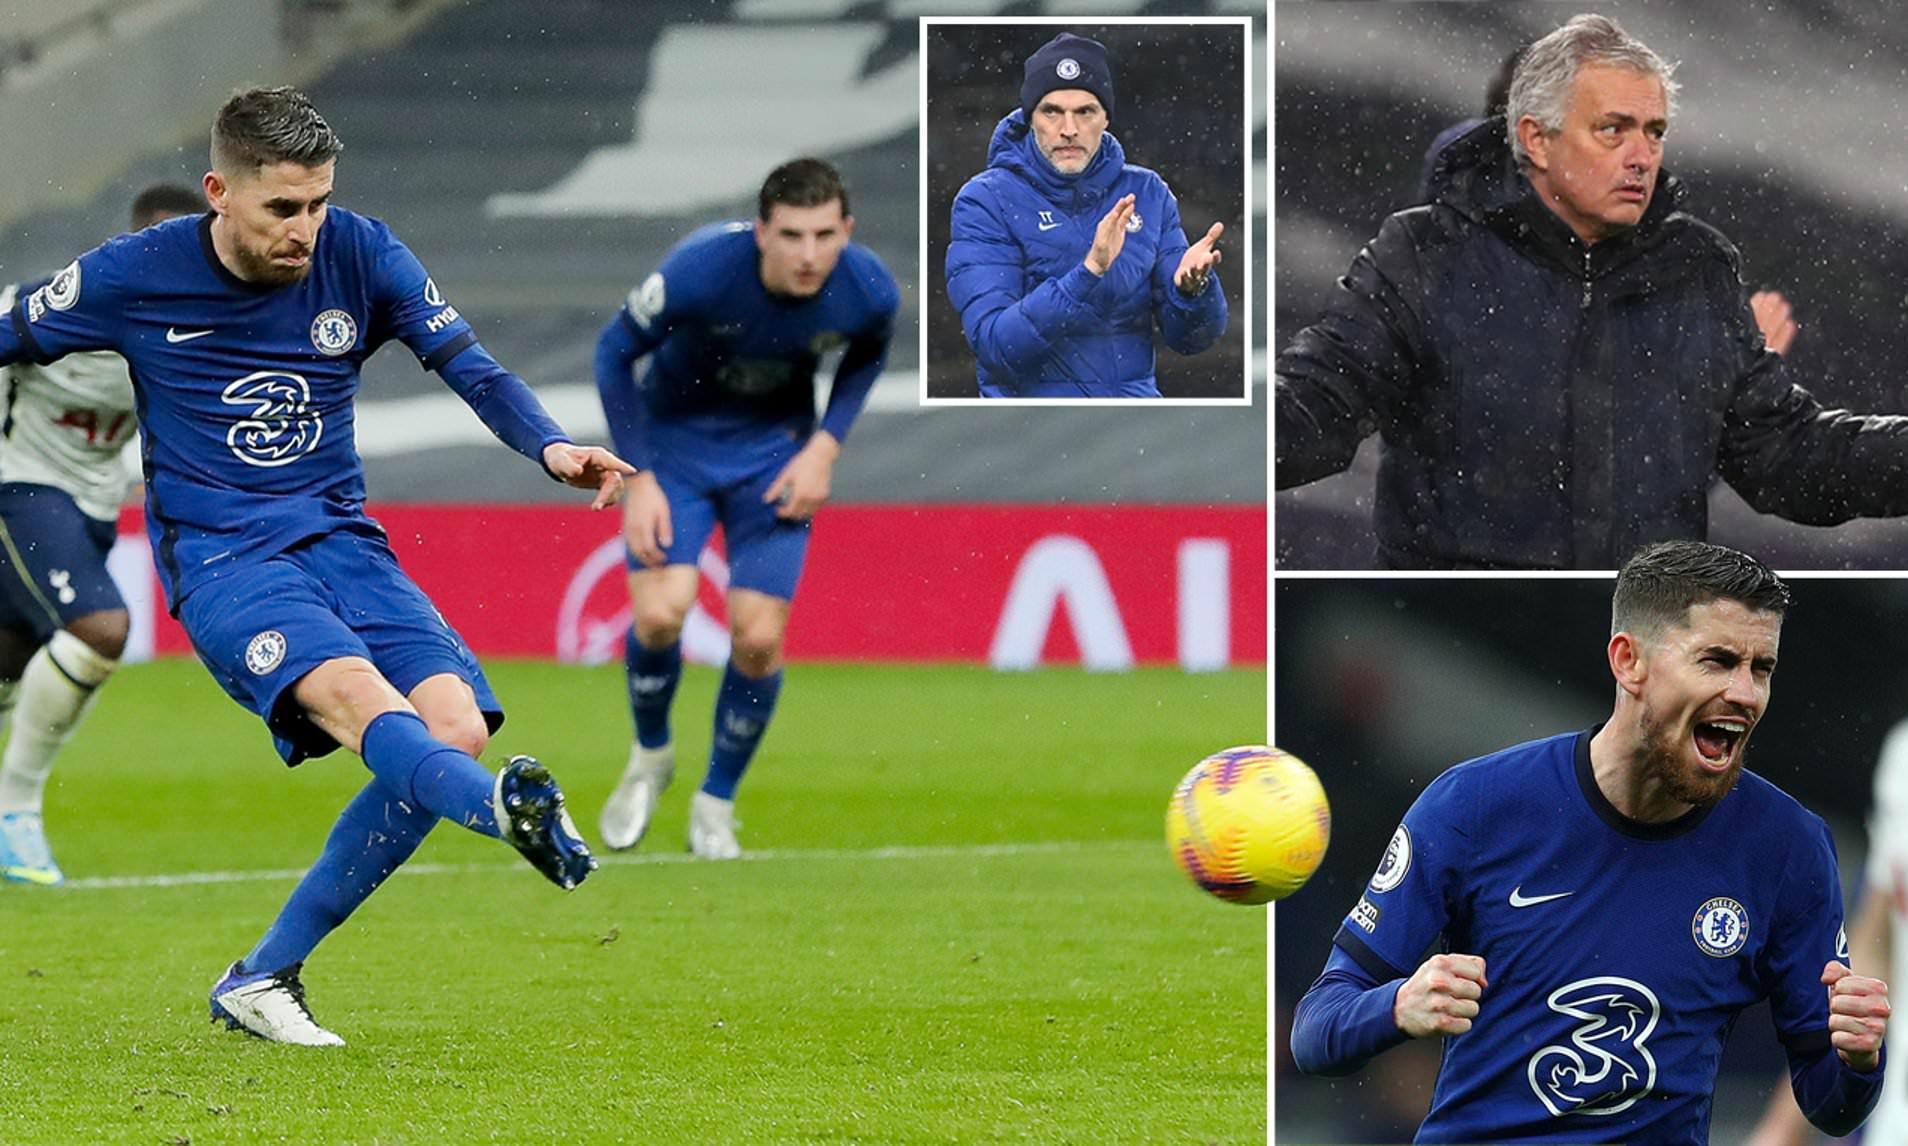 Cú phạt đền của Jorginho mang về chiến thắng cho Chelsea trong trận derby London